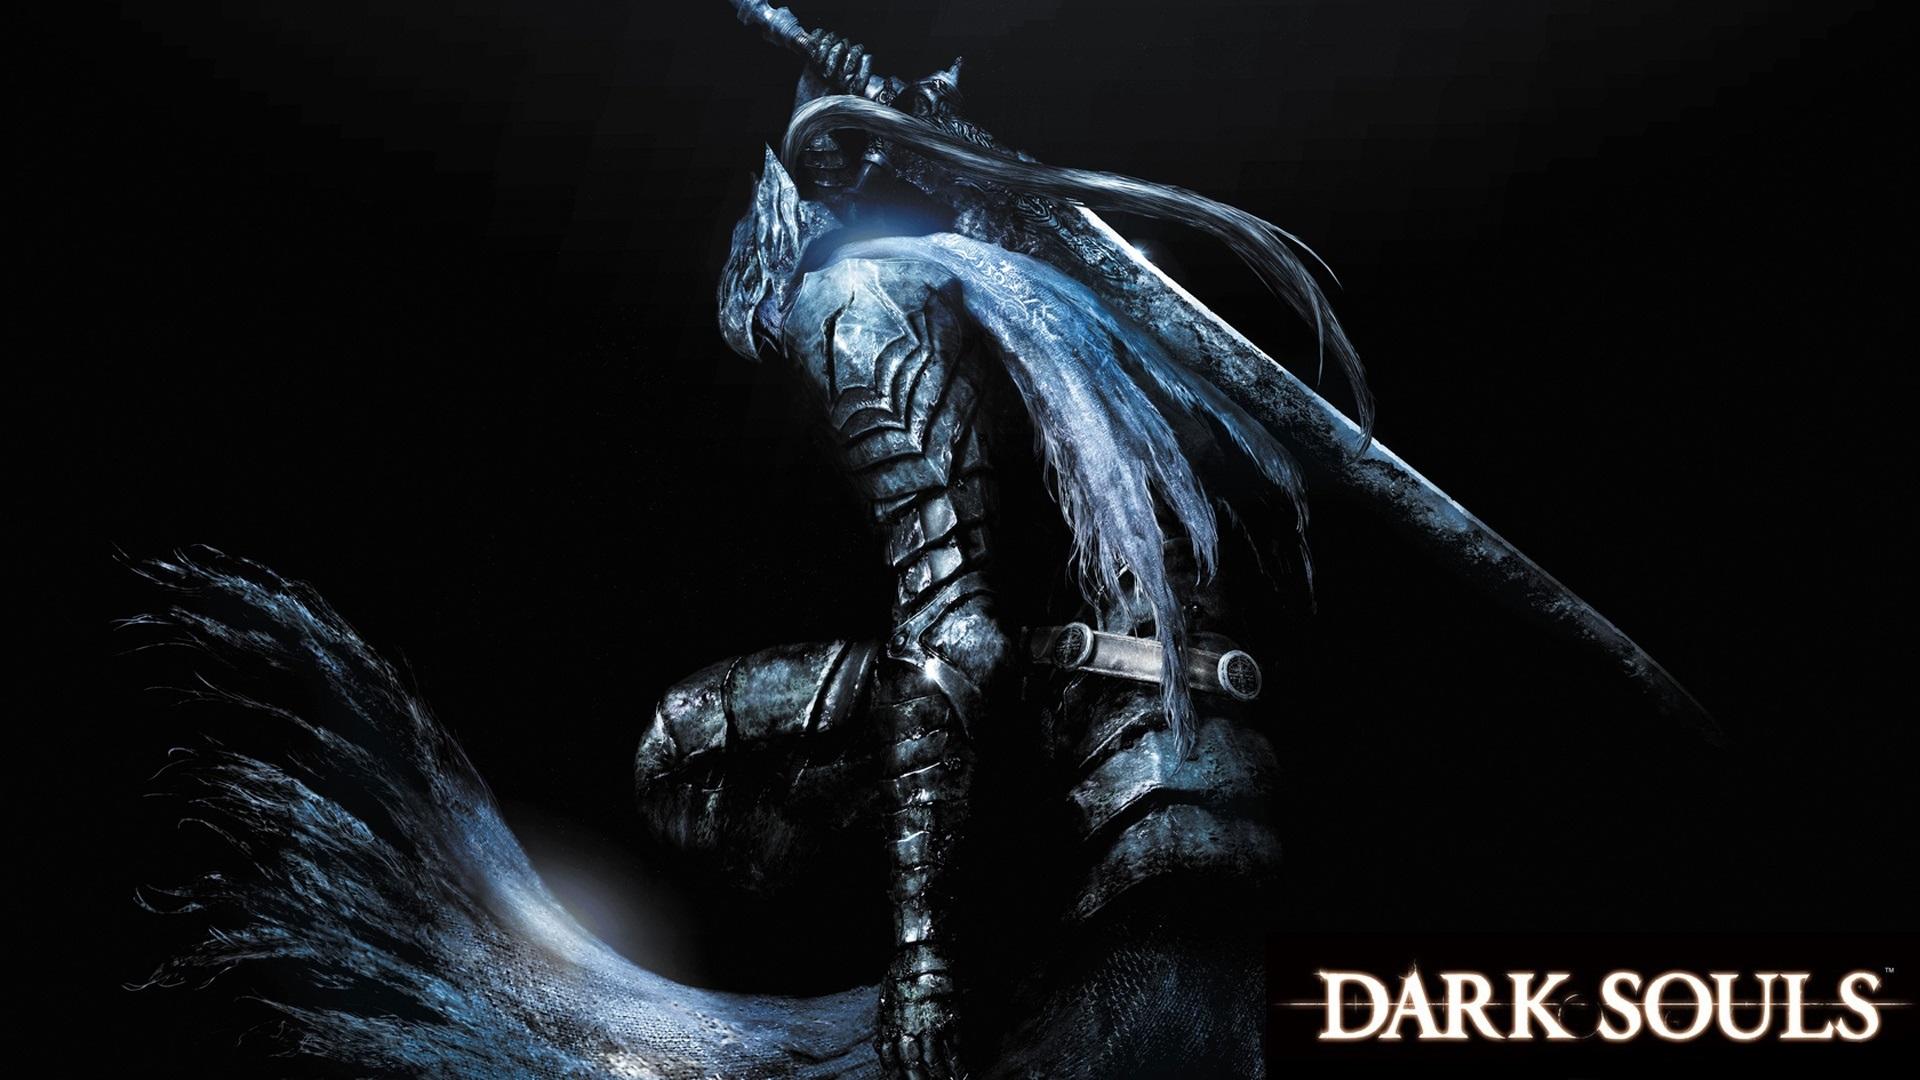 image - dark-souls-2-wallpaper-hd-5 | dark souls wiki | fandom